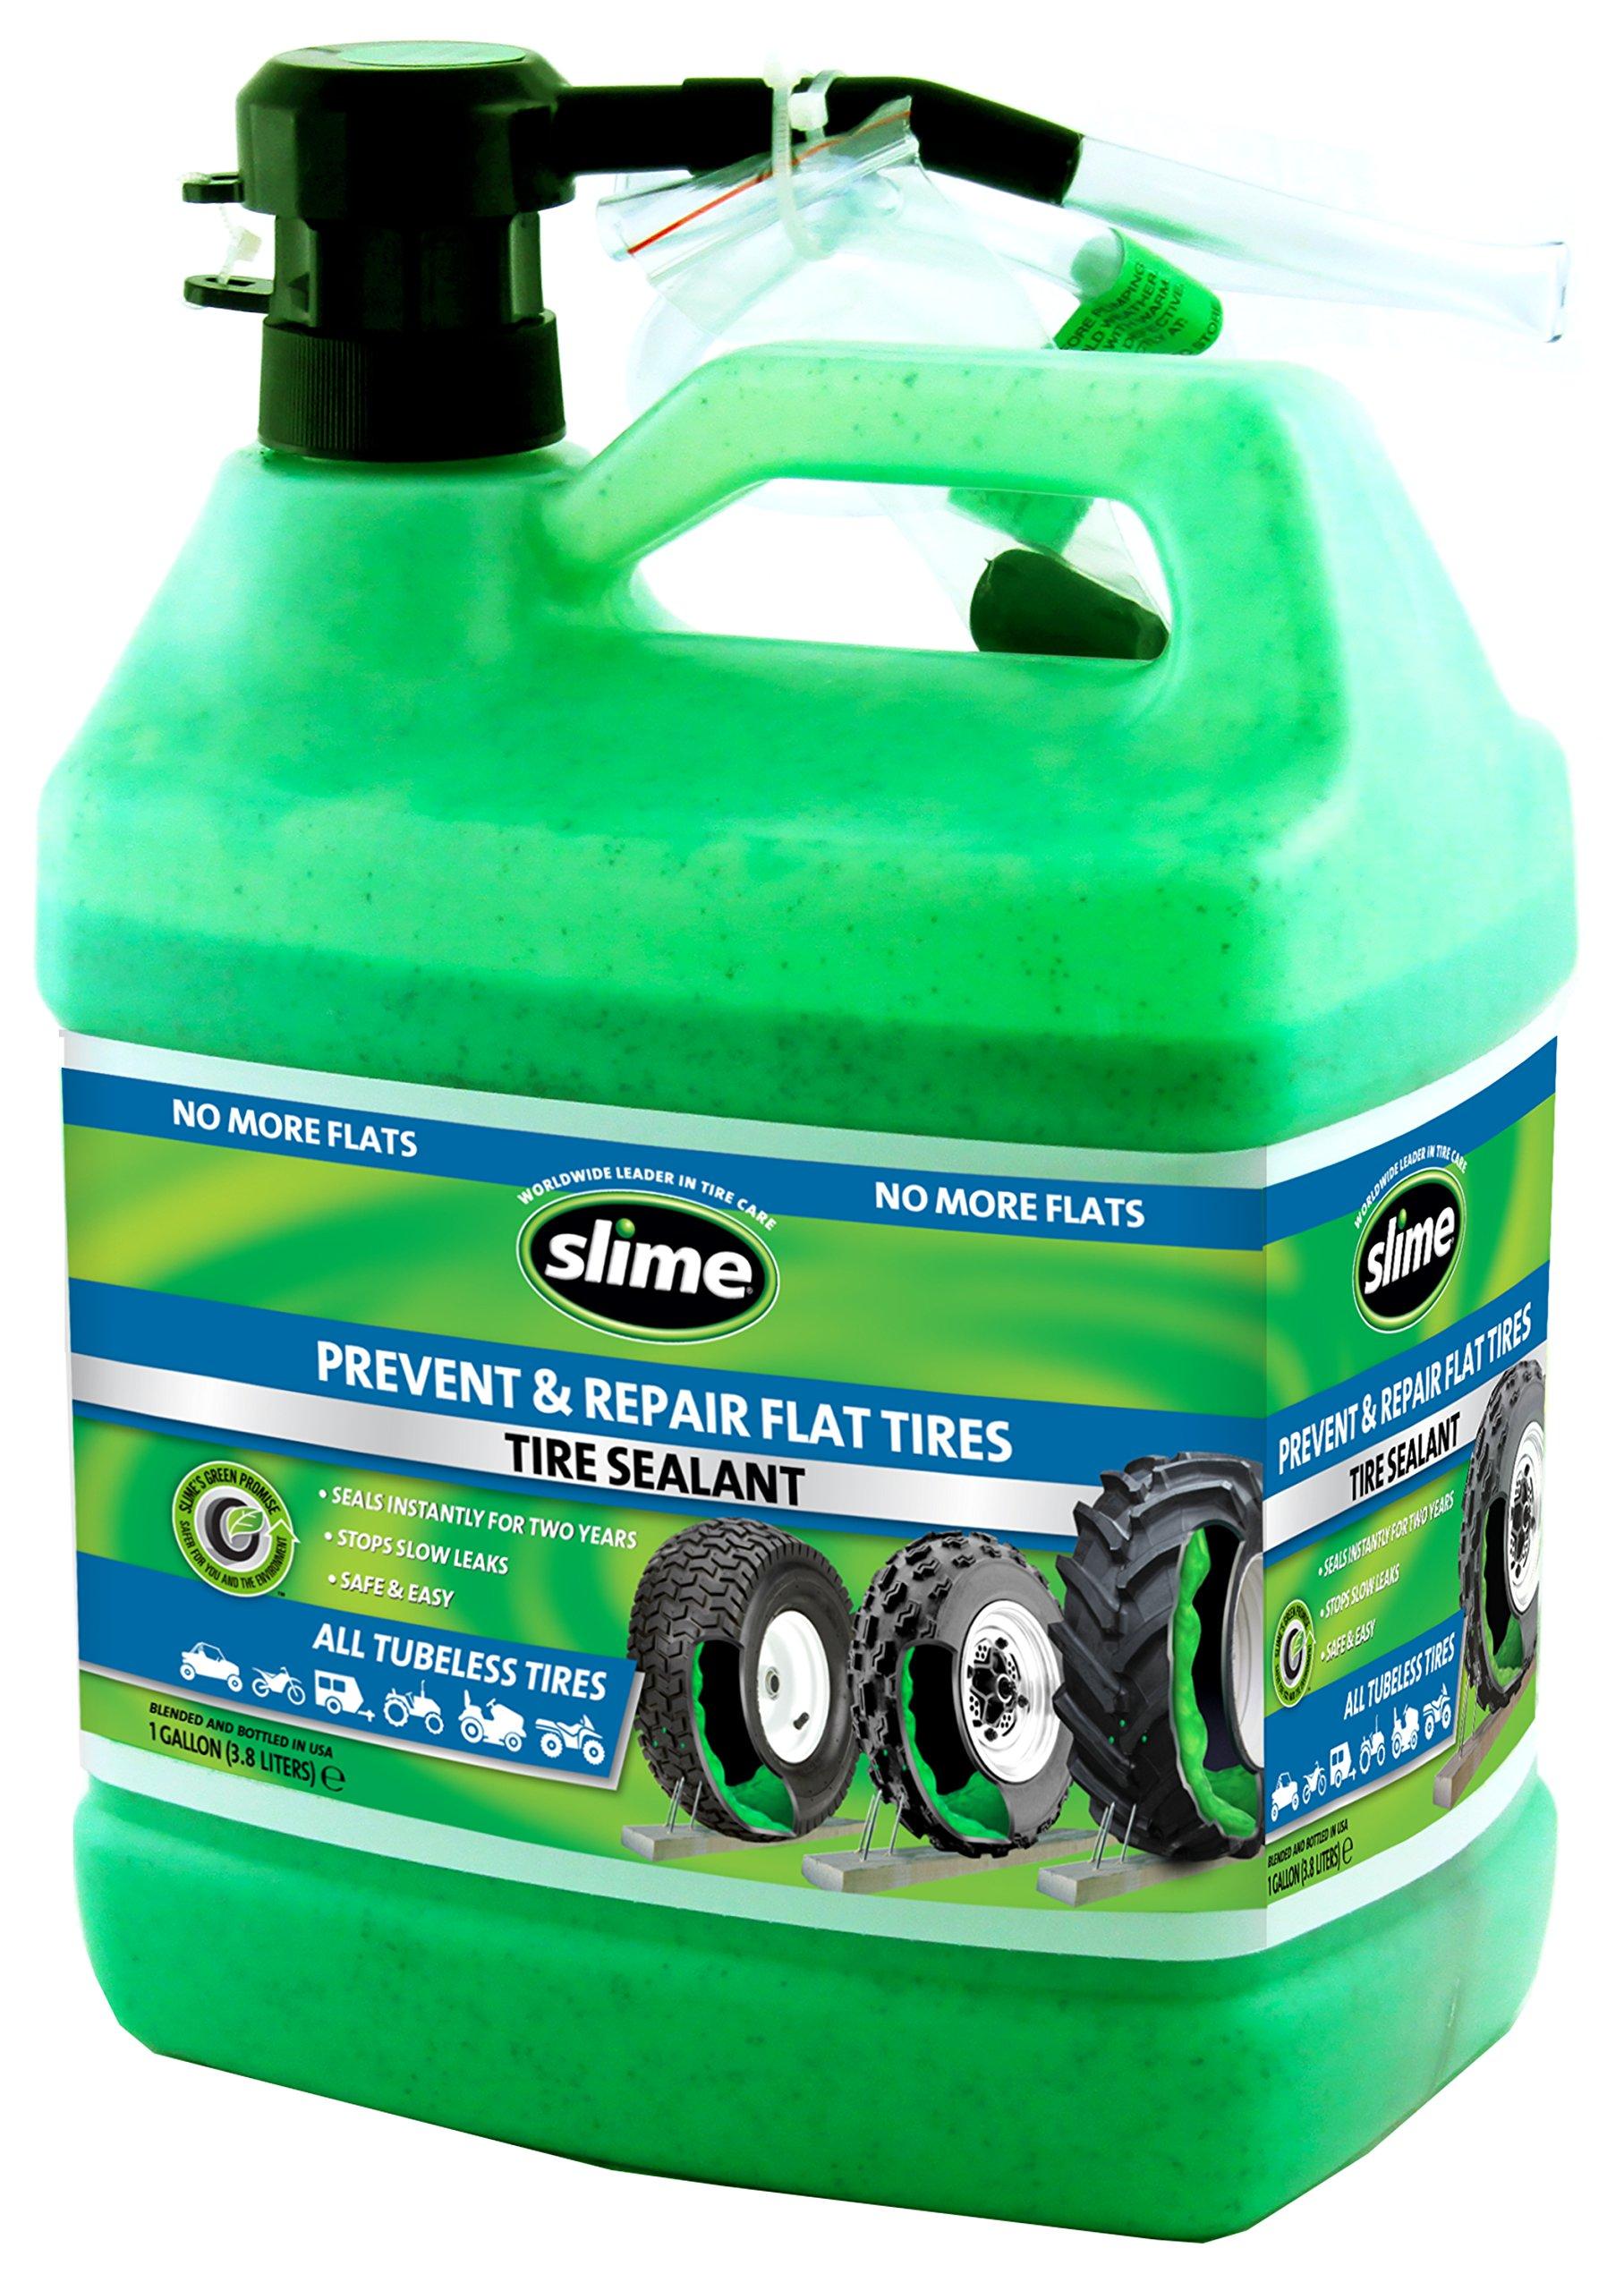 Slime 10163 Automotive Accessories, 128. Fluid_Ounces